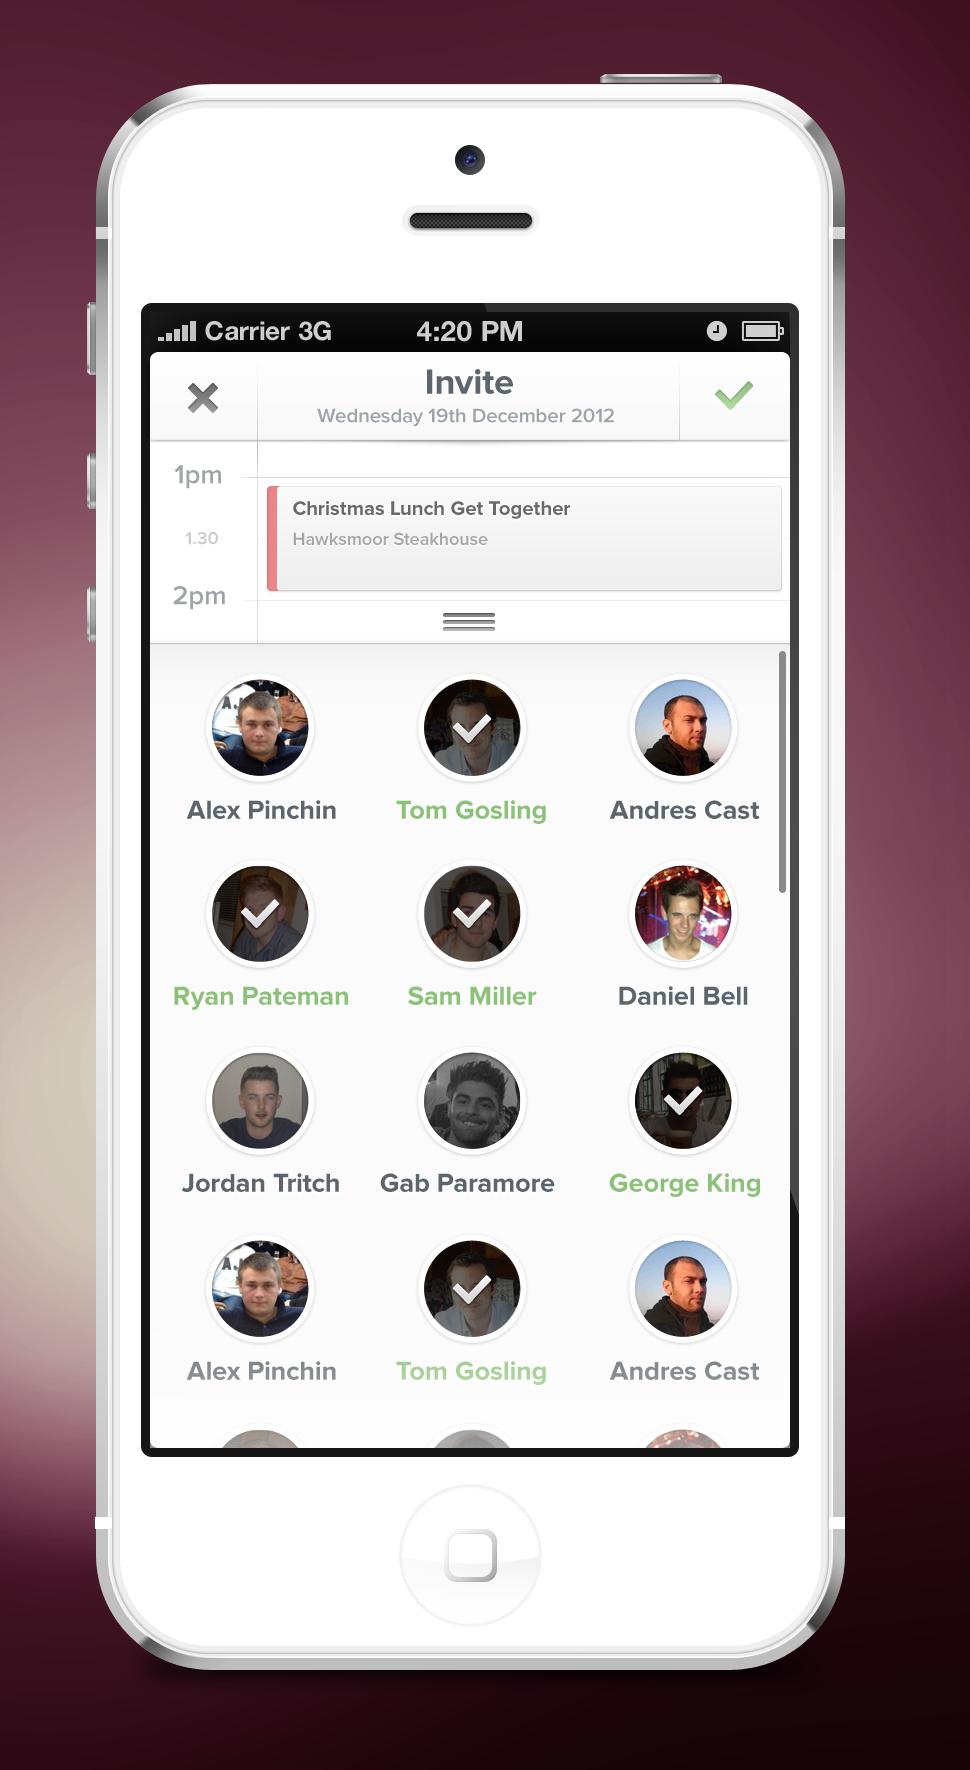 Schedule App - #ui #mobile 하객목록할때 참고